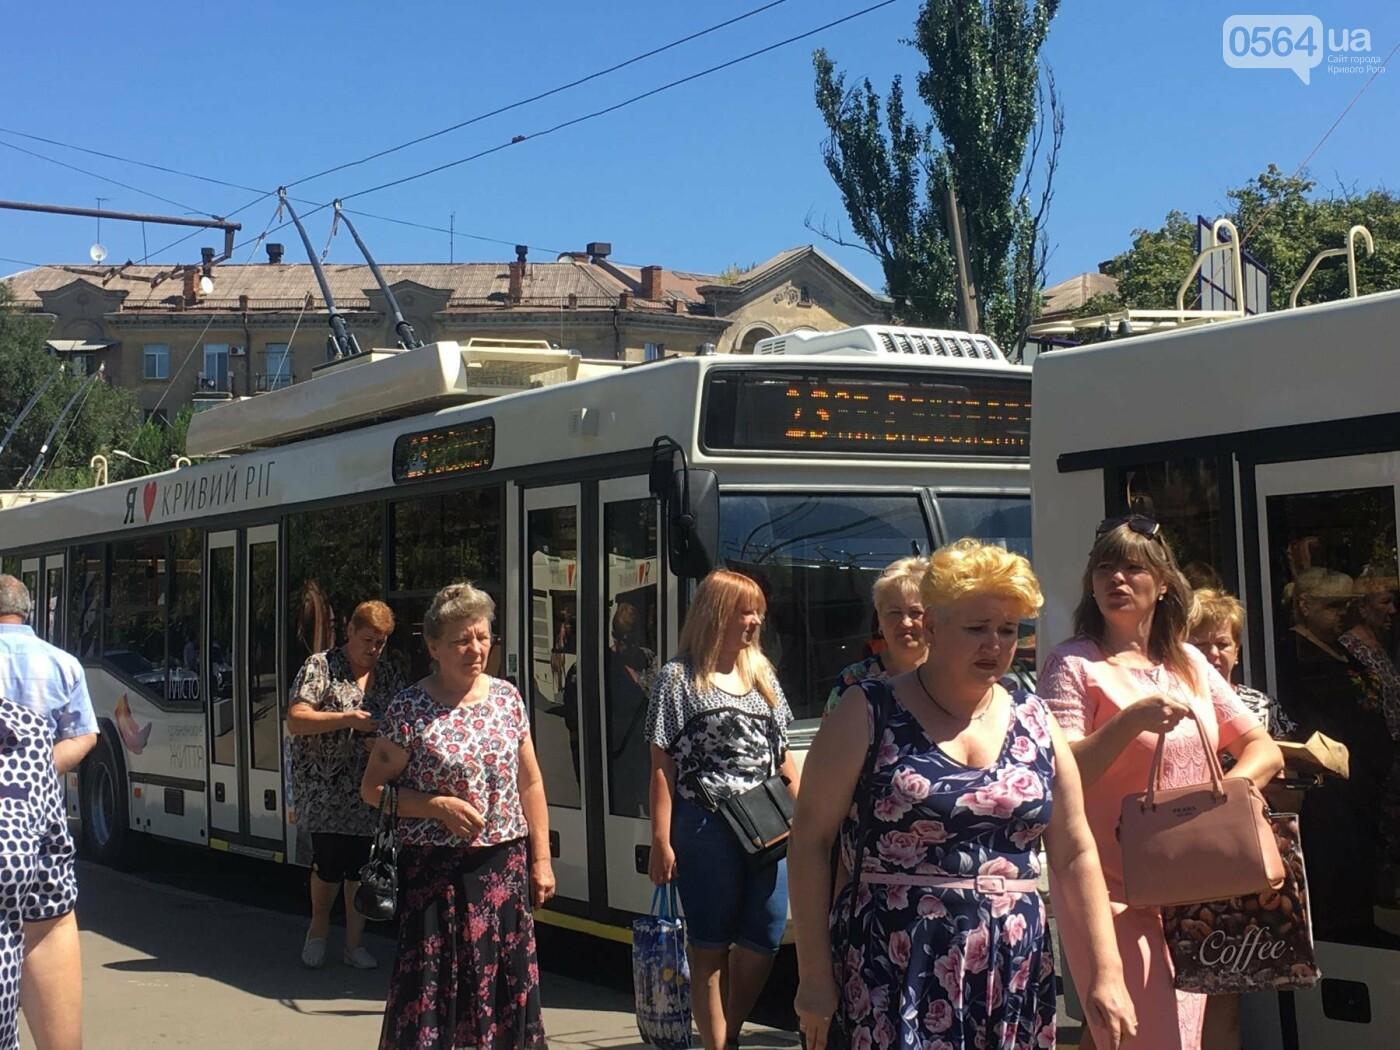 Как в Кривом Роге торжественно вручили водителям ключи от новых троллейбусов и автобусов, - ФОТО, ВИДЕО, фото-5